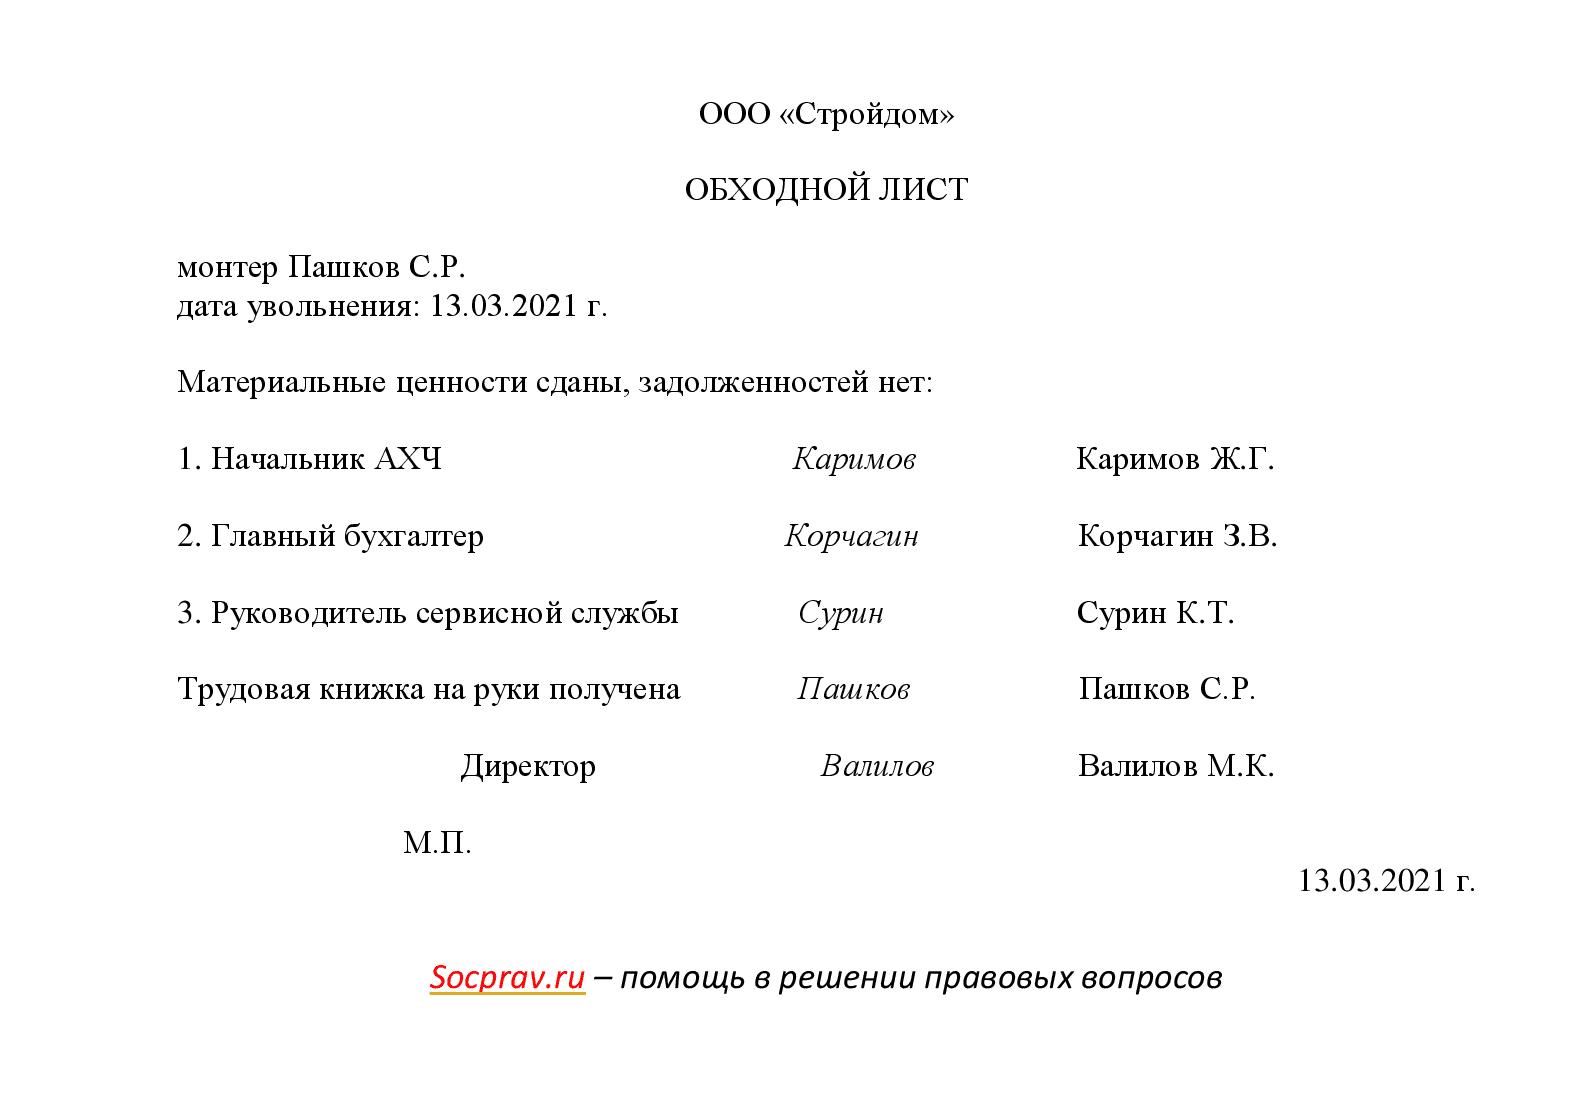 Образец обходного листа при увольнении